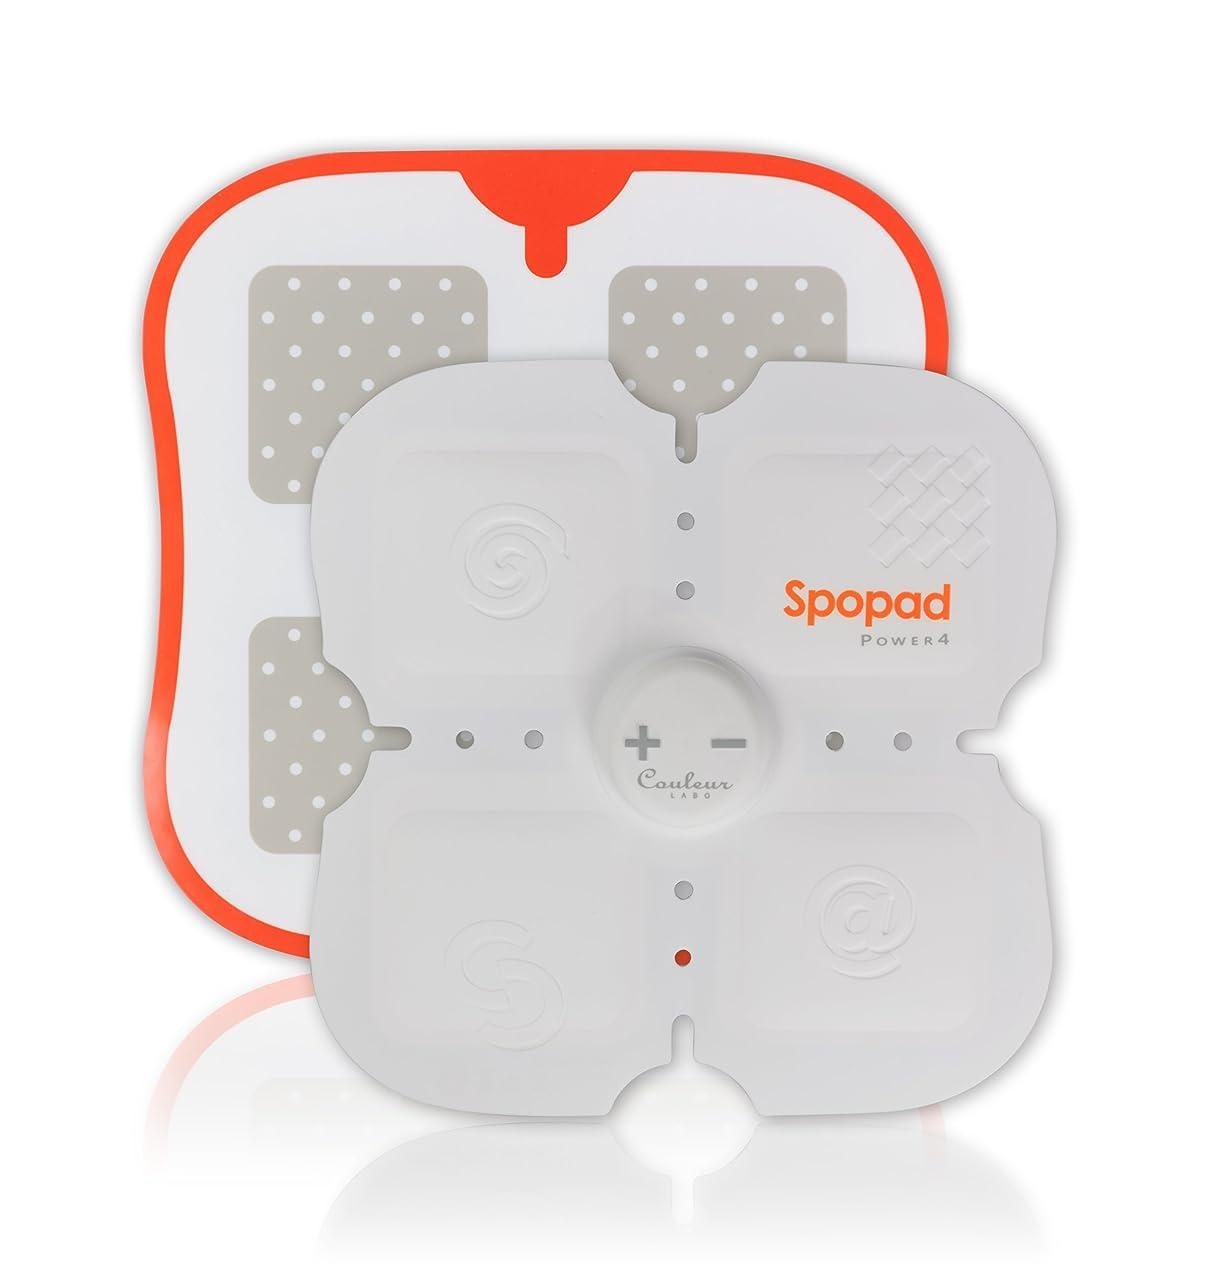 オープナーマンハッタン無能SPOPAD POWER4(スポパッドパワーフォー) 家庭用EMS運動機器、超薄型、超軽量、ワイヤレス、ハンズフリー